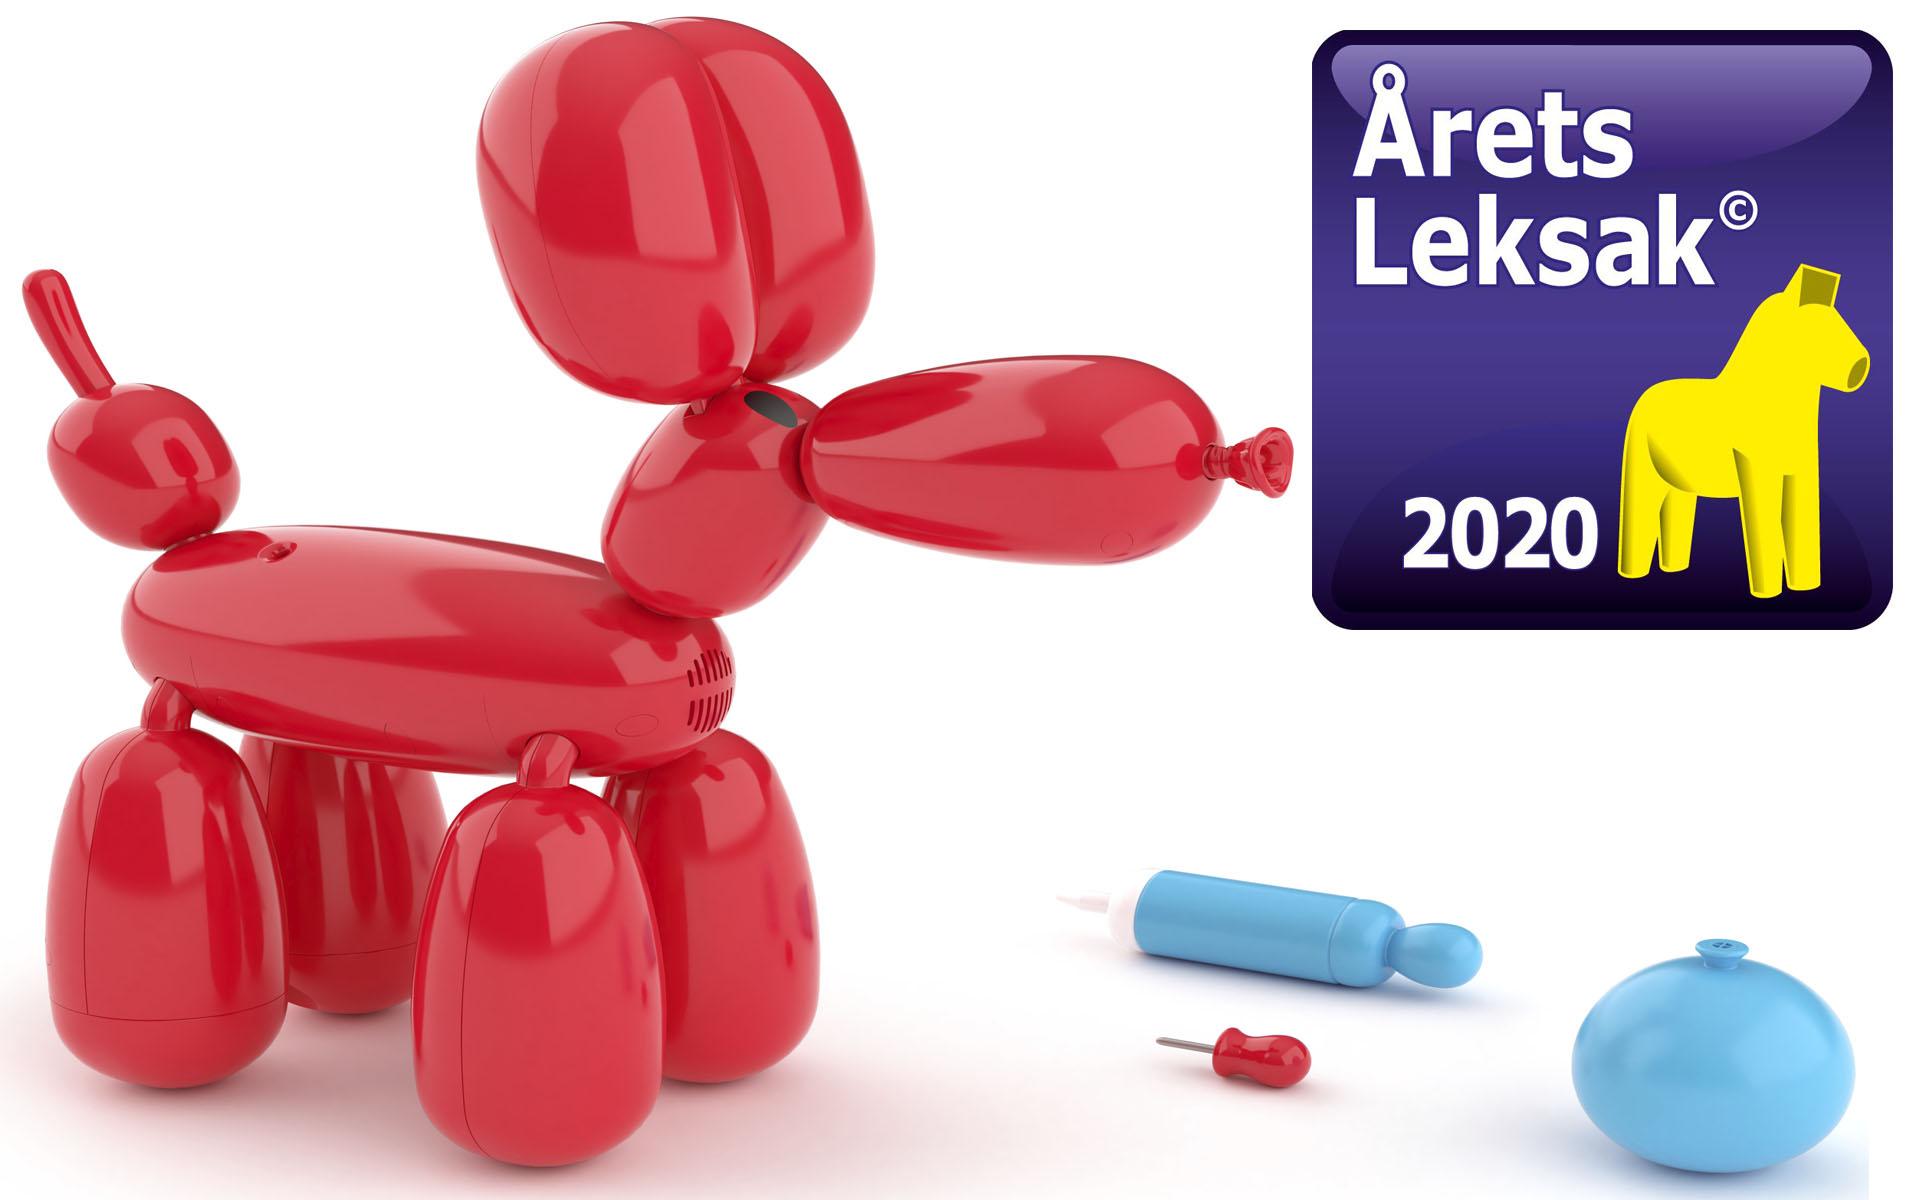 Årets leksak 2020